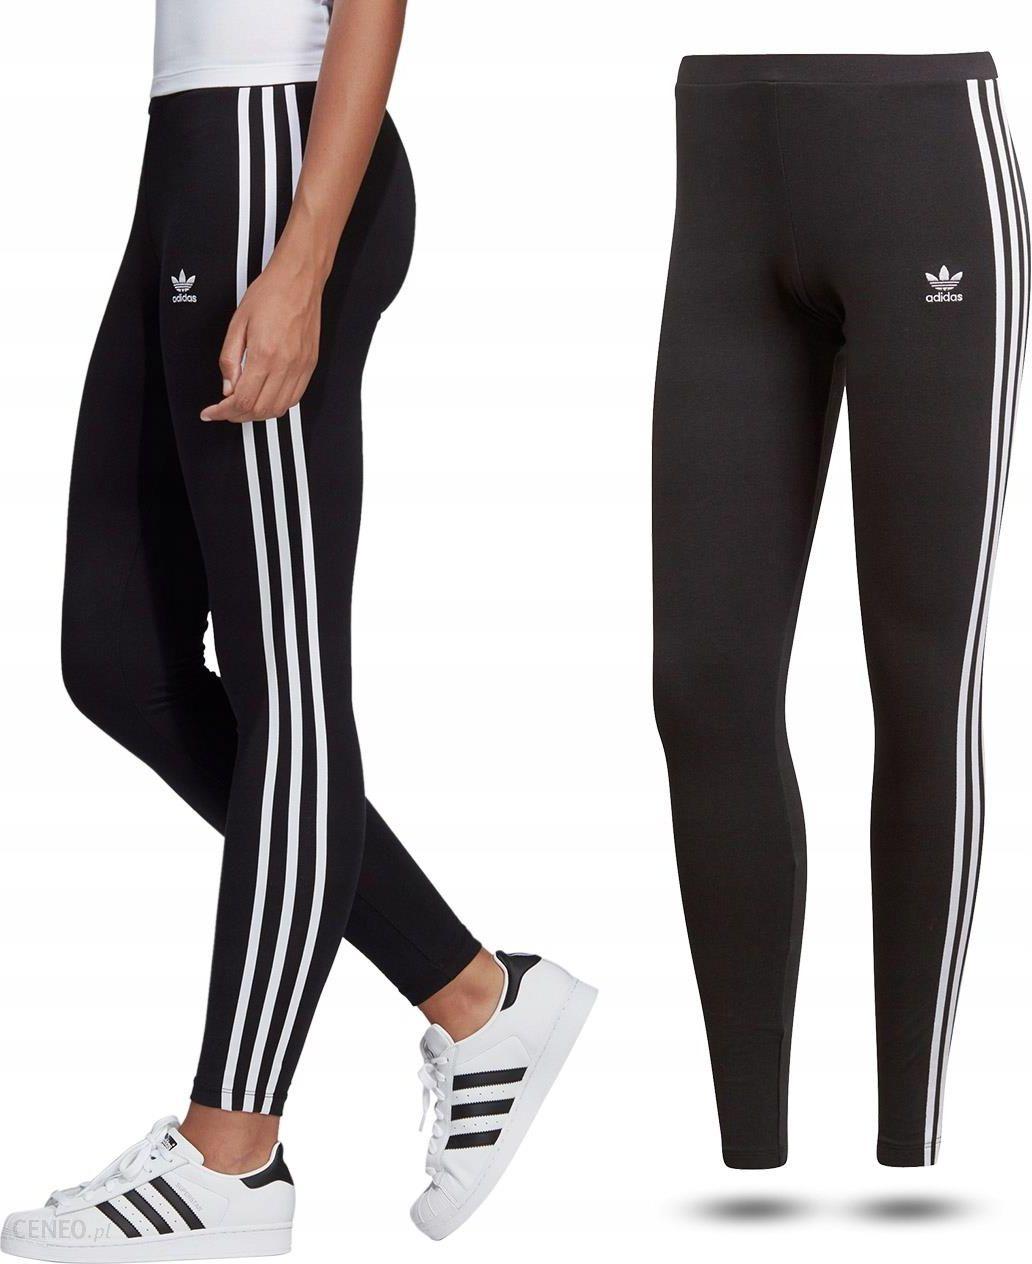 Damskie Legginsy Adidas Originals CE2441 Rozm XL Ceny i opinie Ceneo.pl